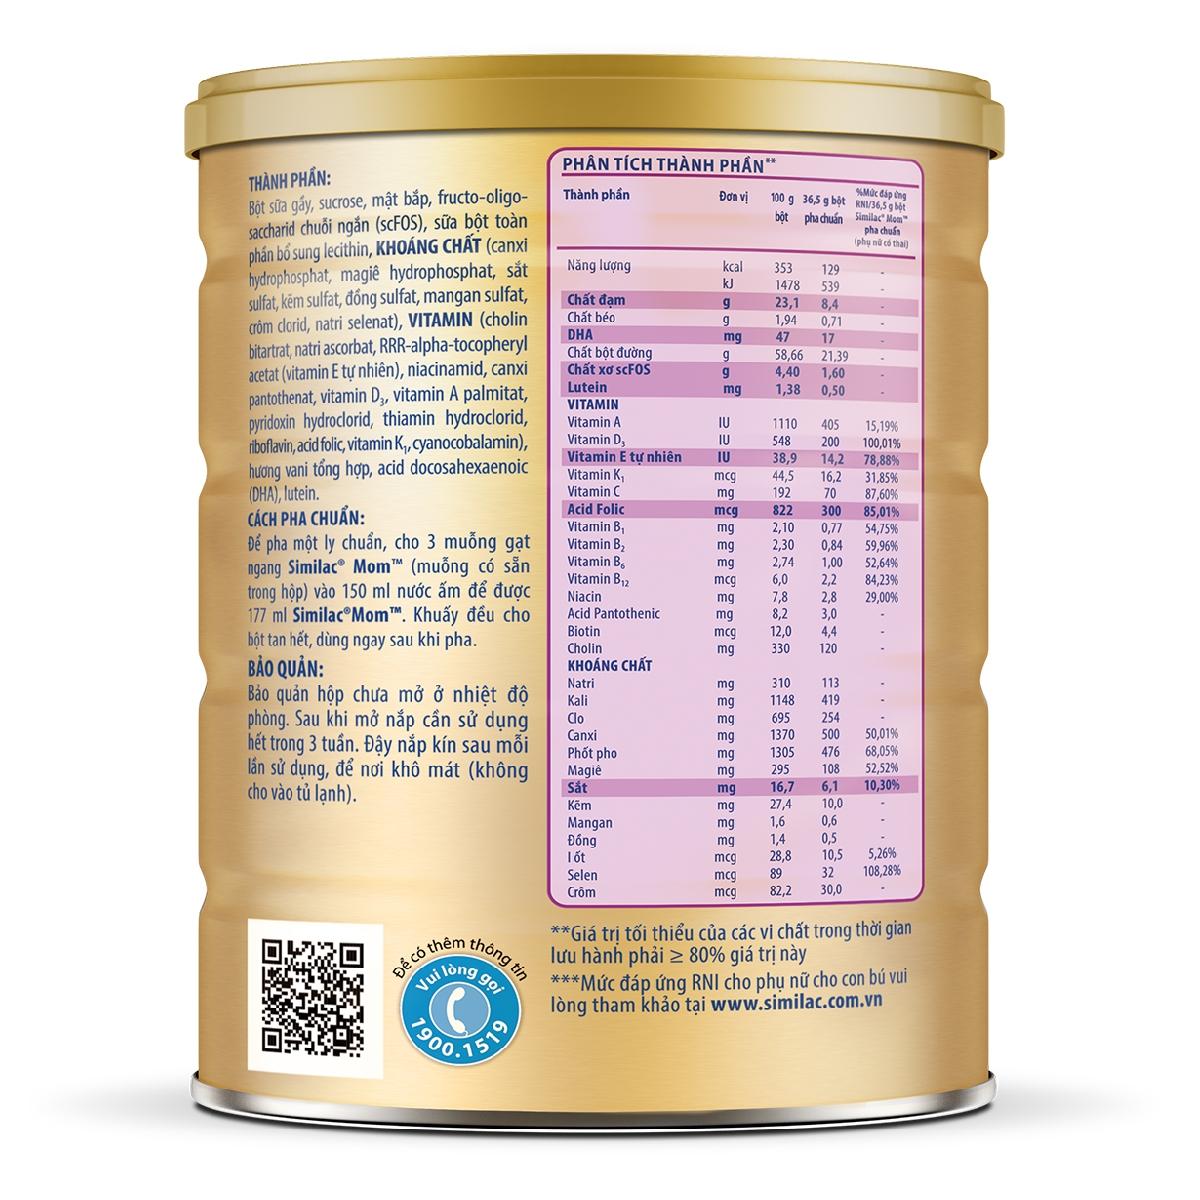 Sữa Bột Similac Mom Hương Vani (900g) - Tặng 1 Bộ Gối Chặn Em Bé